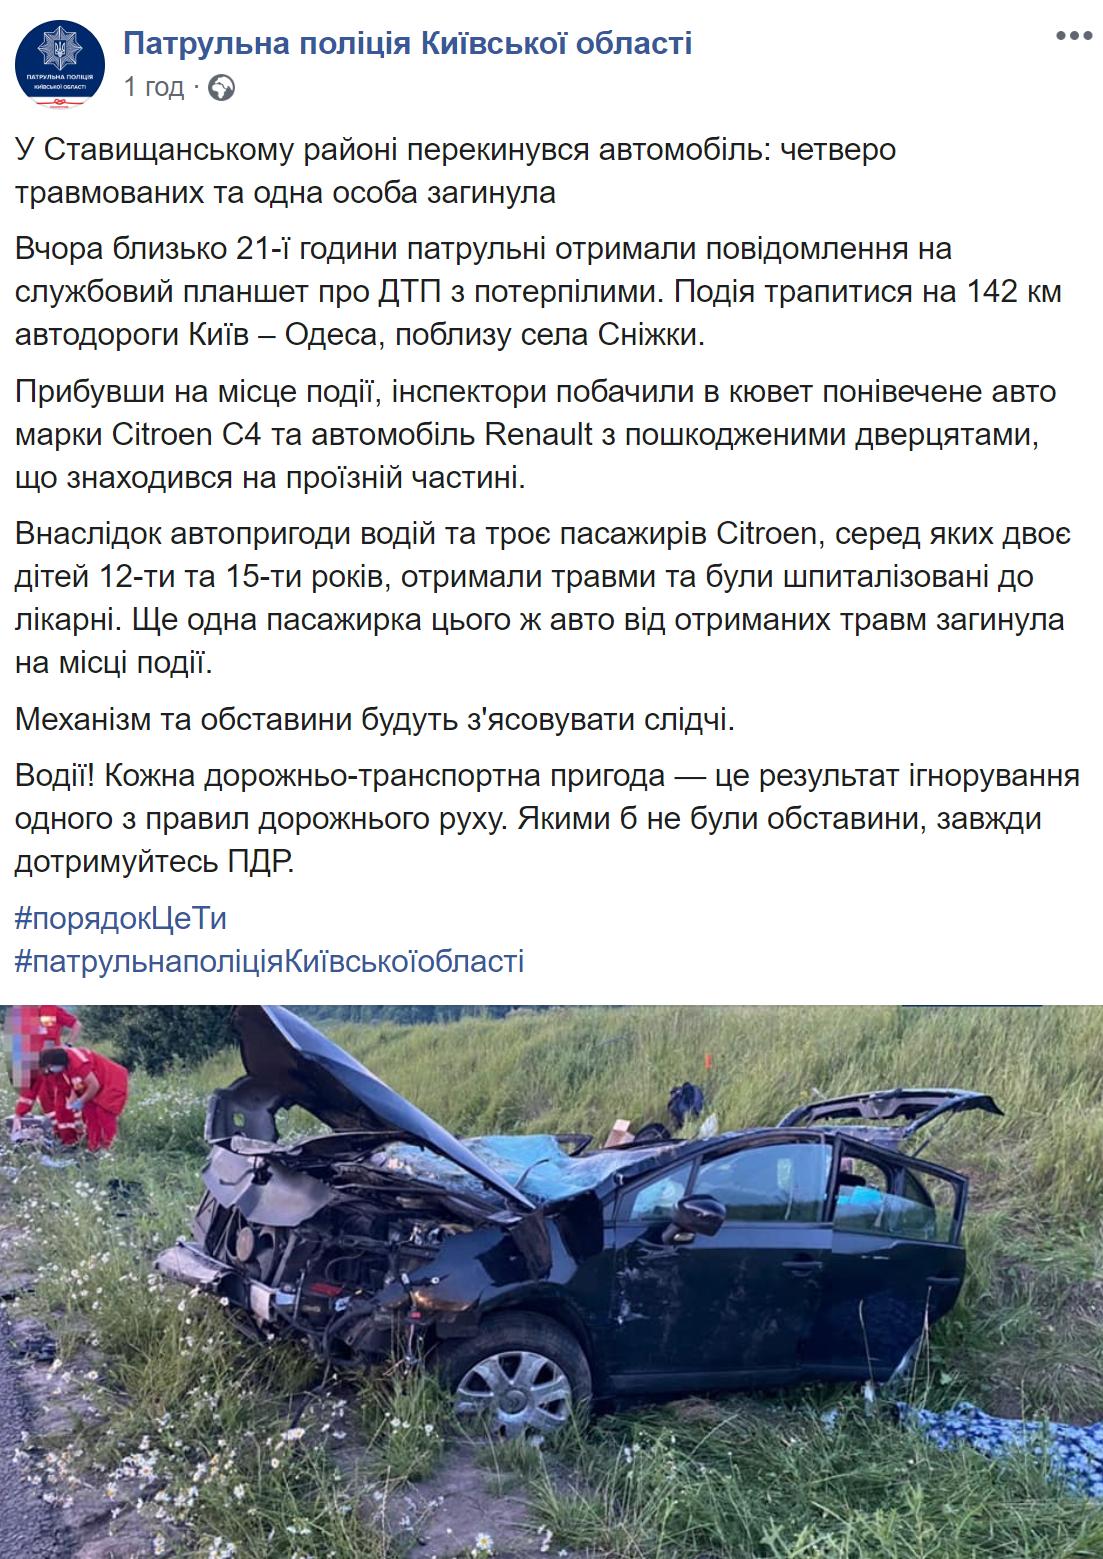 Пост патрульной полиции Киевской области